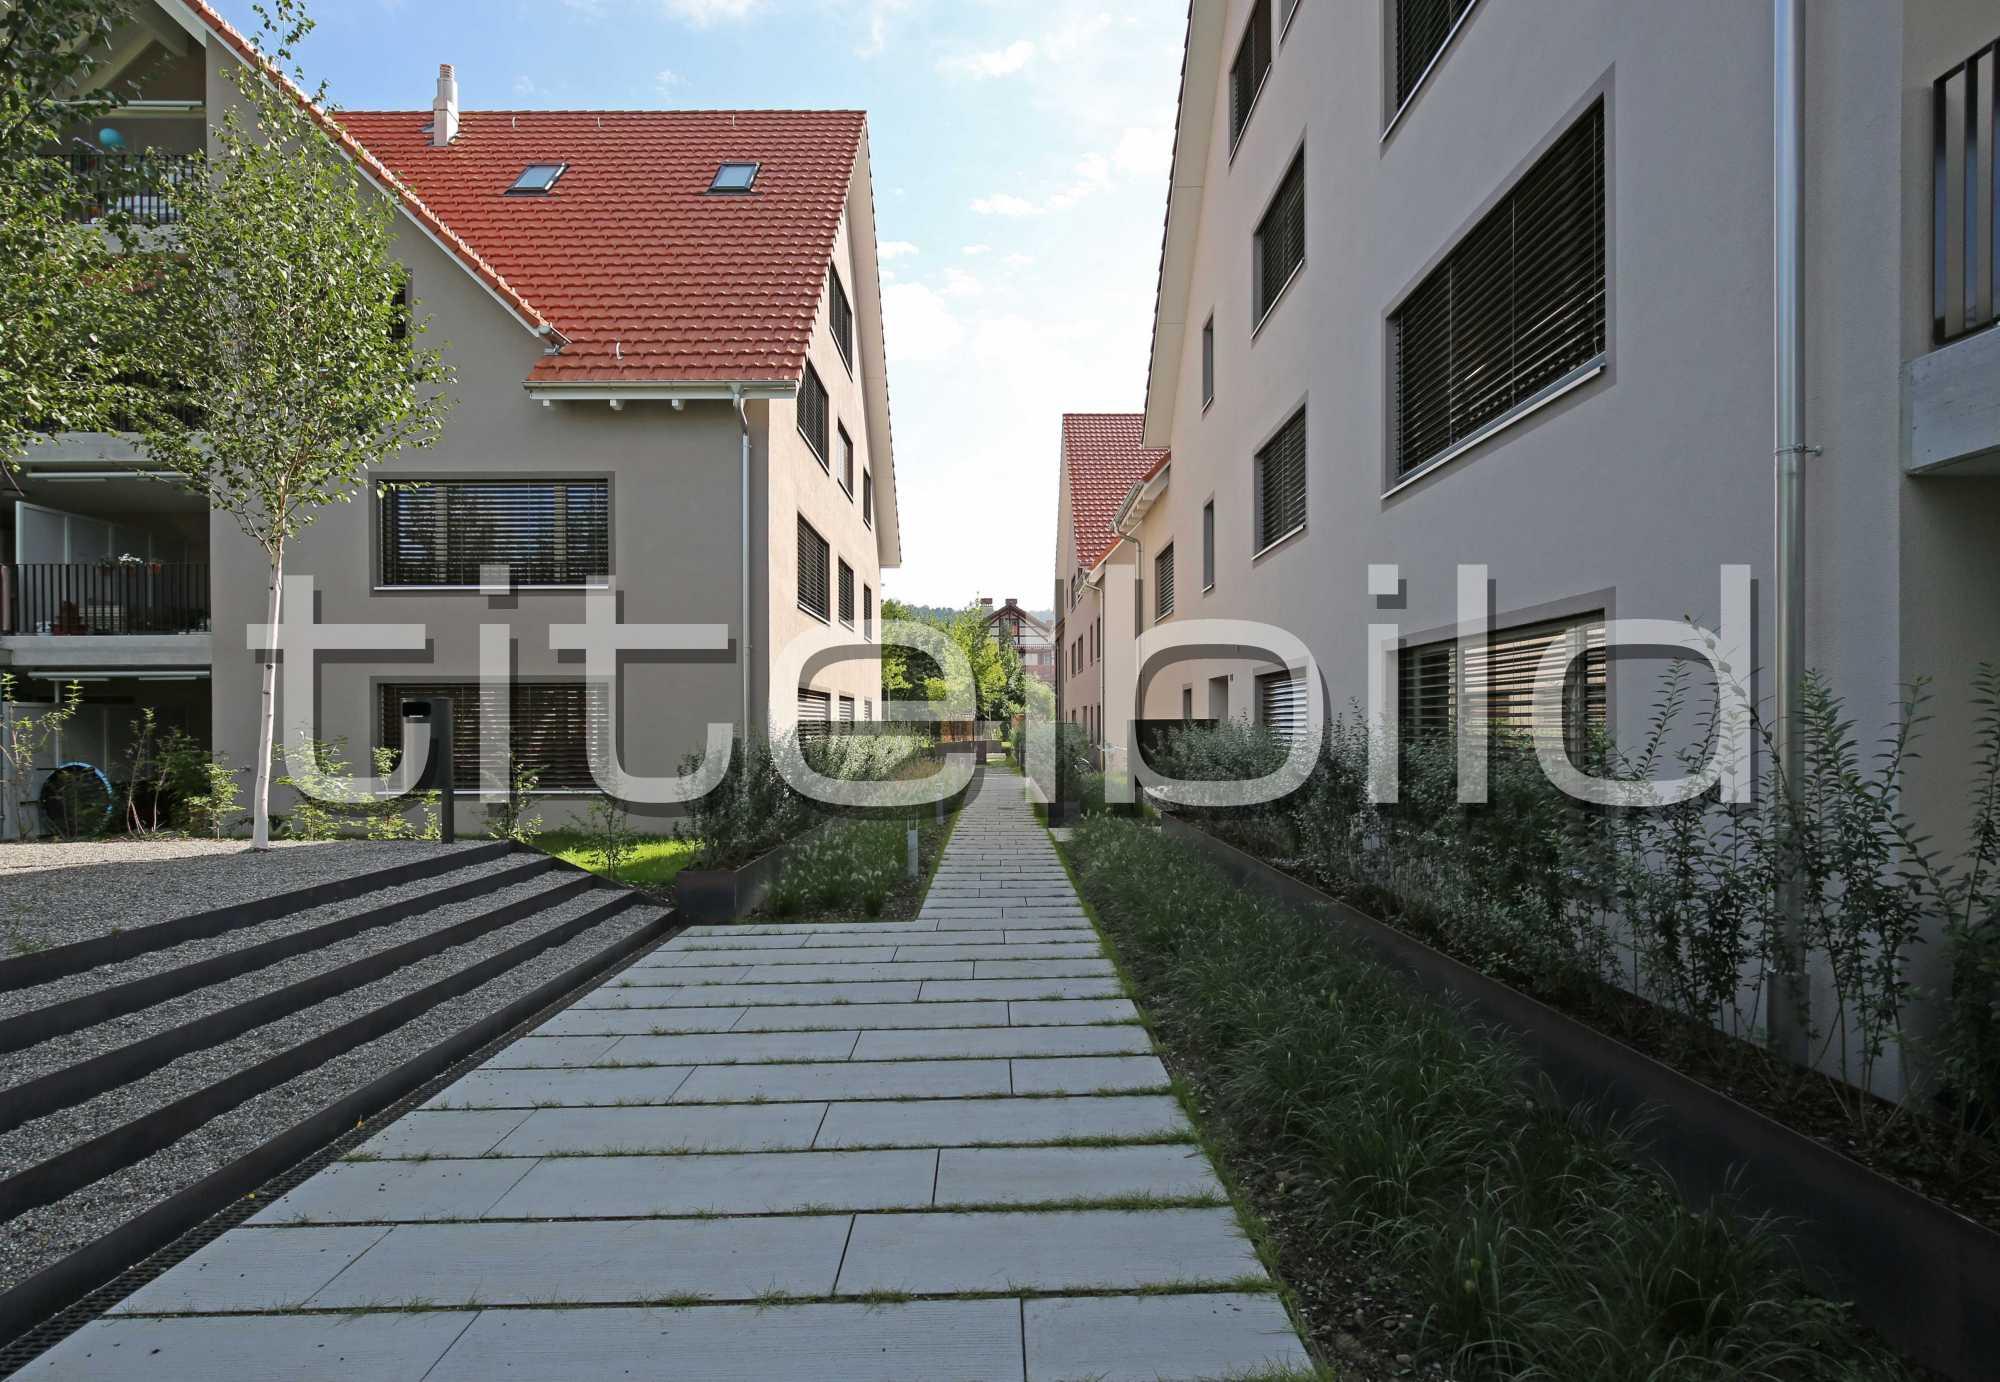 Projektbild-Nr. 4: Wohnüberbauung Pfarrhausstrasse